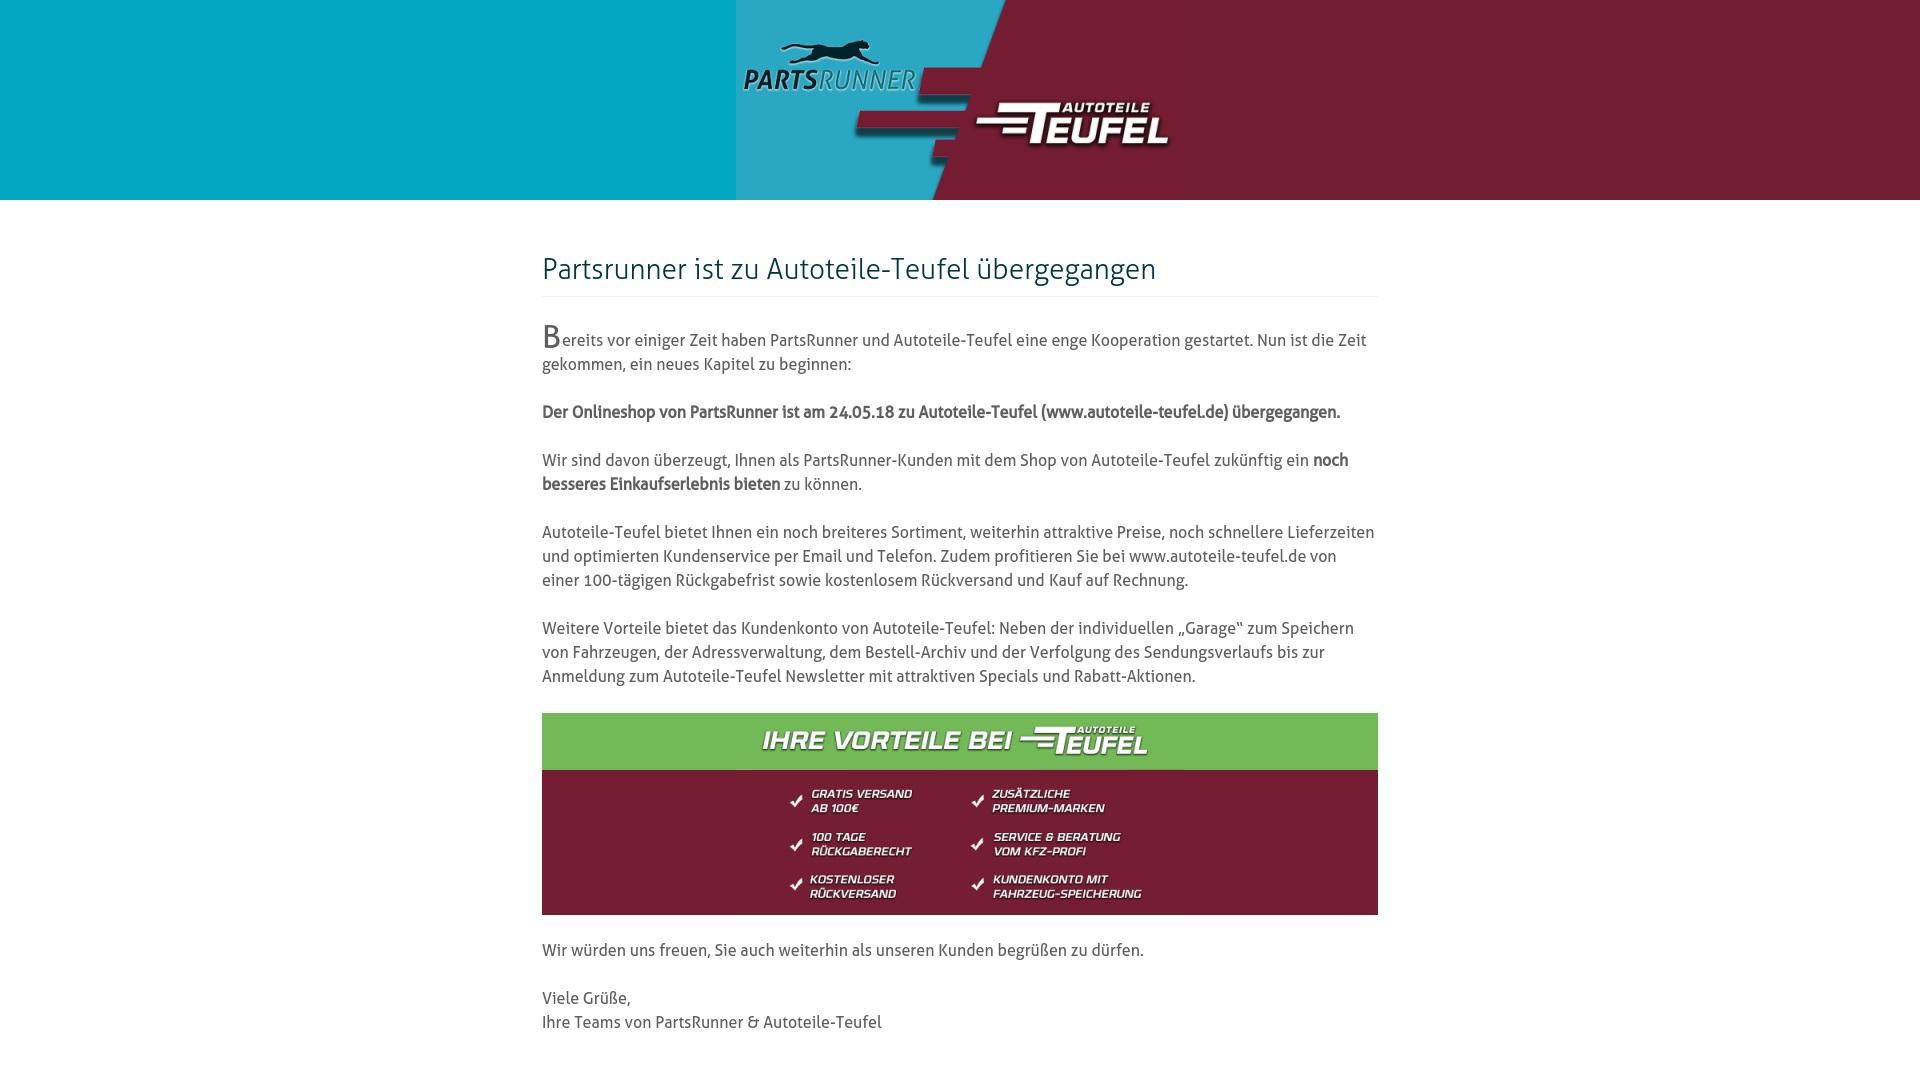 Gutschein für Partsrunner: Rabatte für  Partsrunner sichern